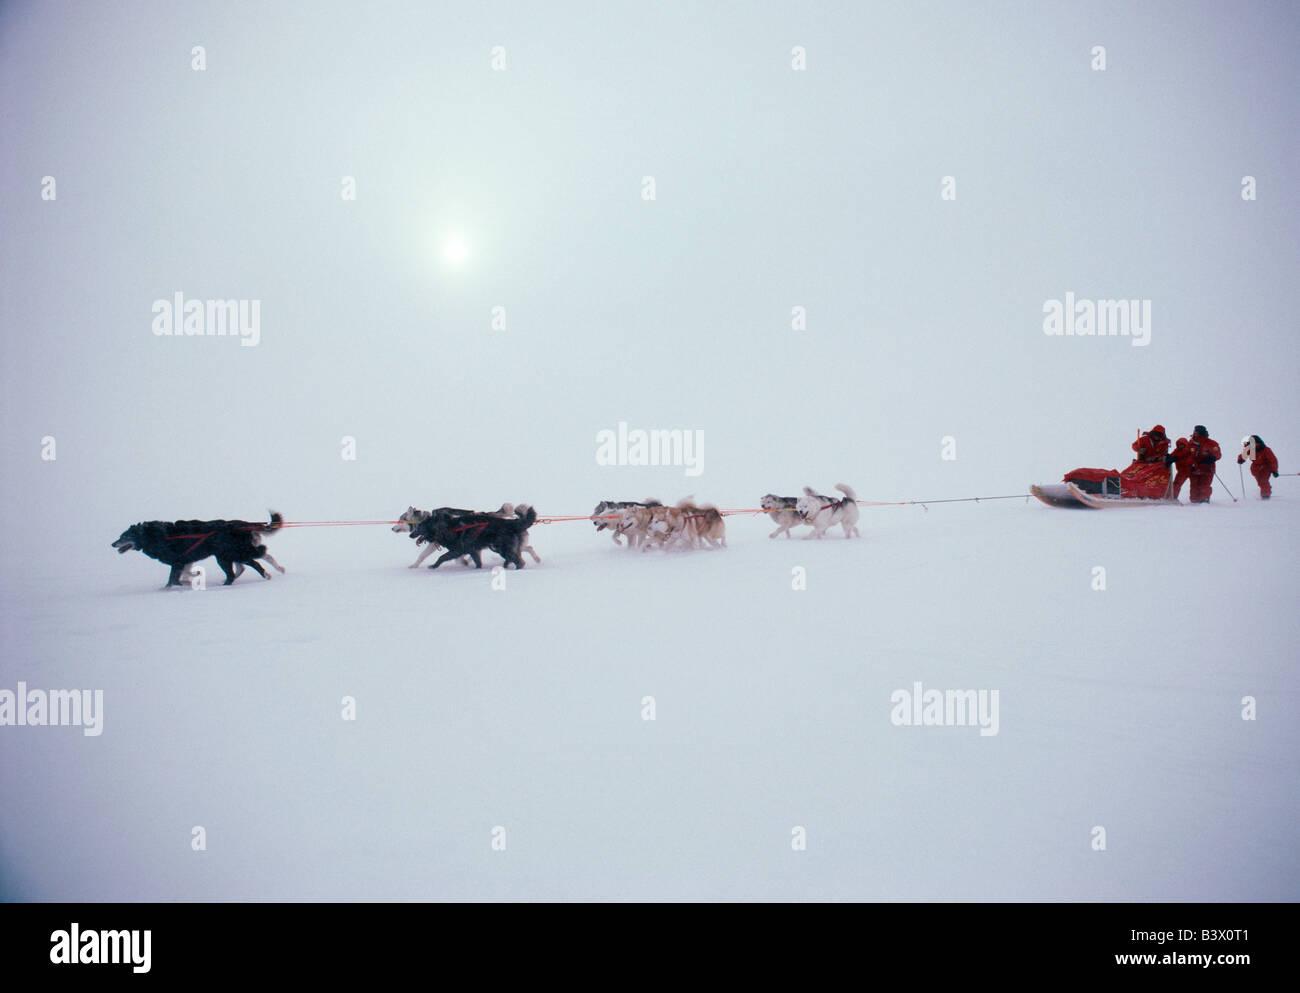 Traîneaux à chiens et mushers dans le blizzard la formation pour l'expédition polaire internationale Steger 1986 Banque D'Images